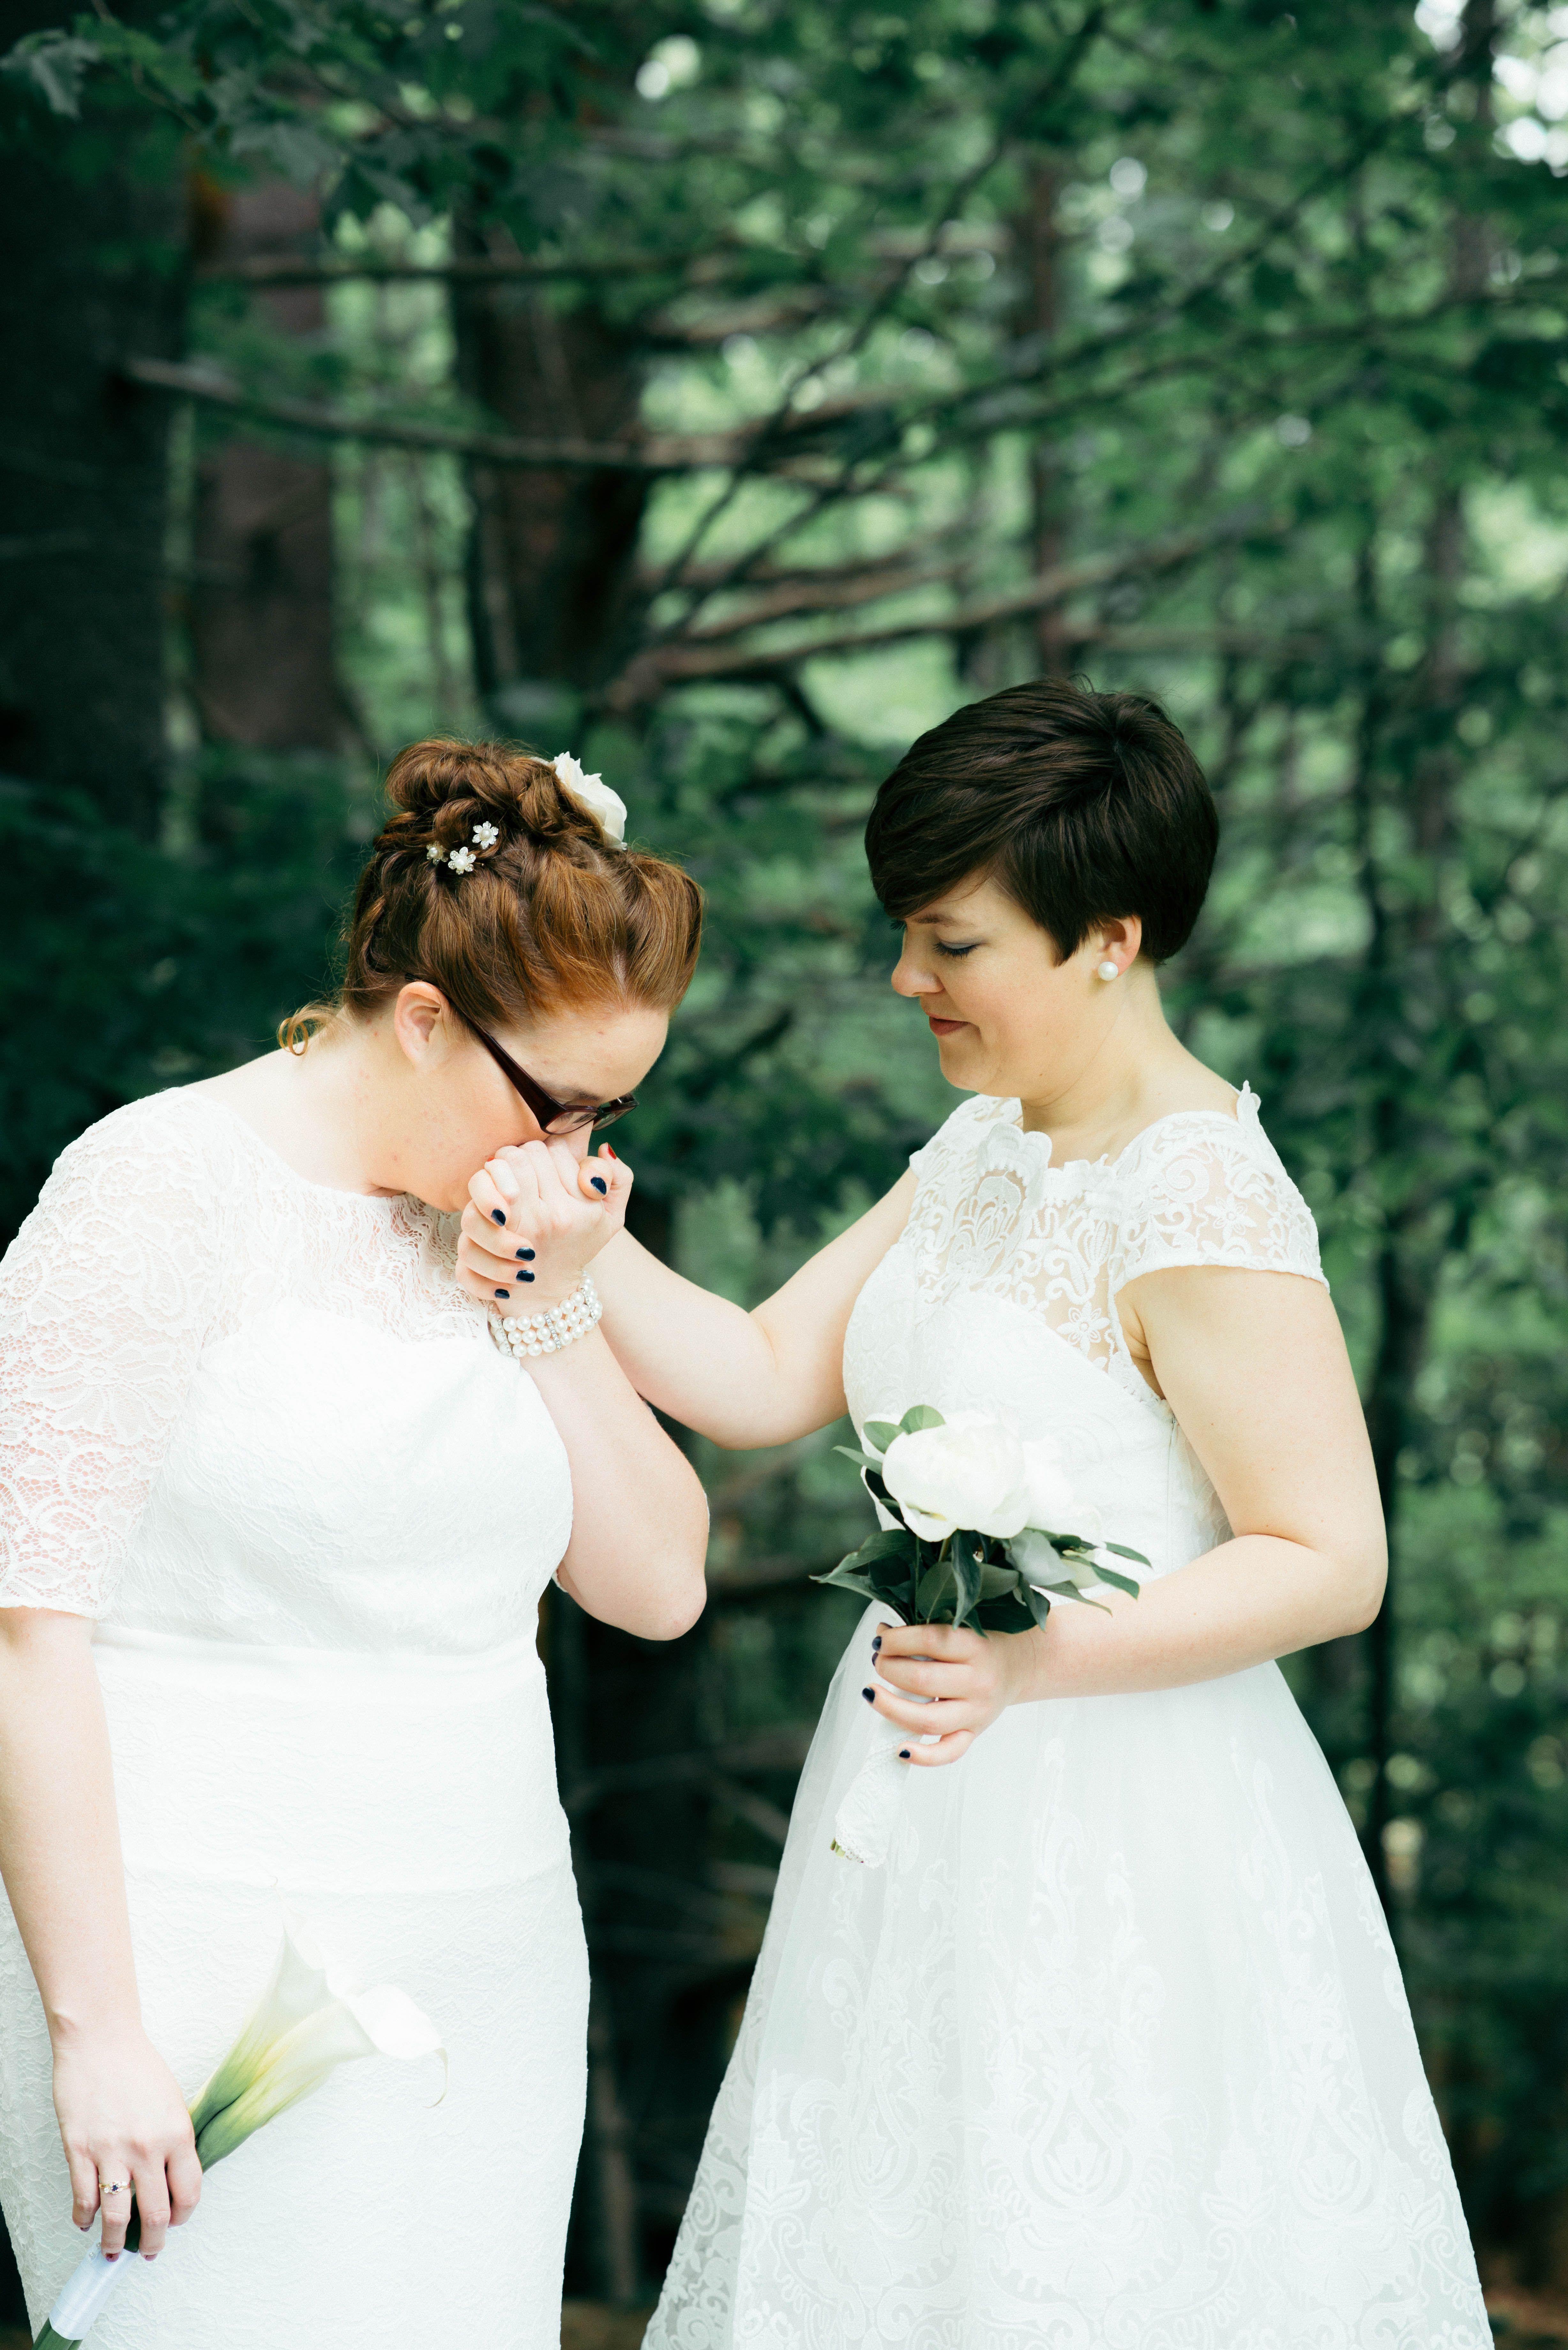 Angel woods lesbian